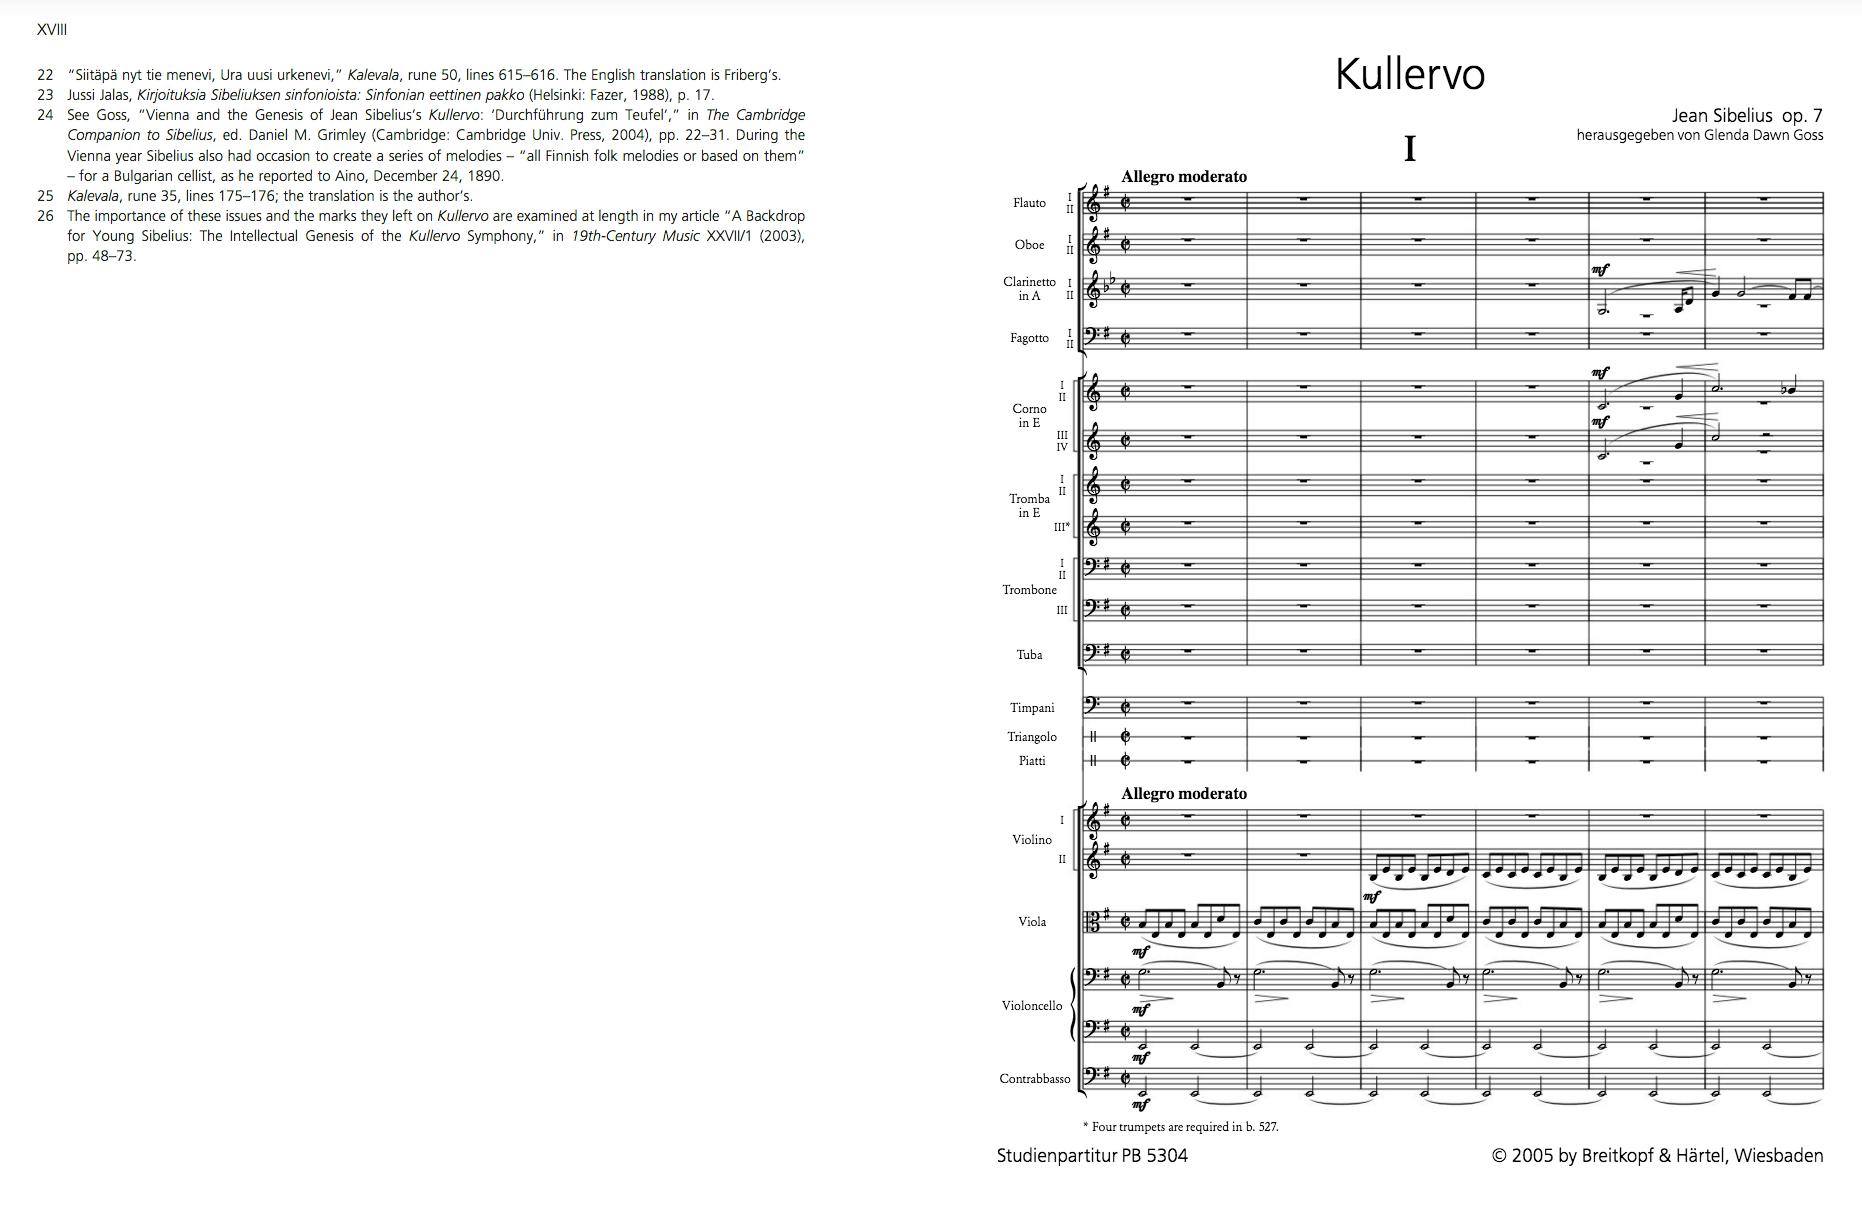 雖然首演大為成功,二十六歲的西貝流士亦一舉成名,但自我要求嚴格的他不久便把它撤回,一生禁止全曲演出,也不許樂譜出版。圖為 2005 年 Breitkopf & Härtel 出版之樂譜首頁。 Image © Breitkopf & Härtel